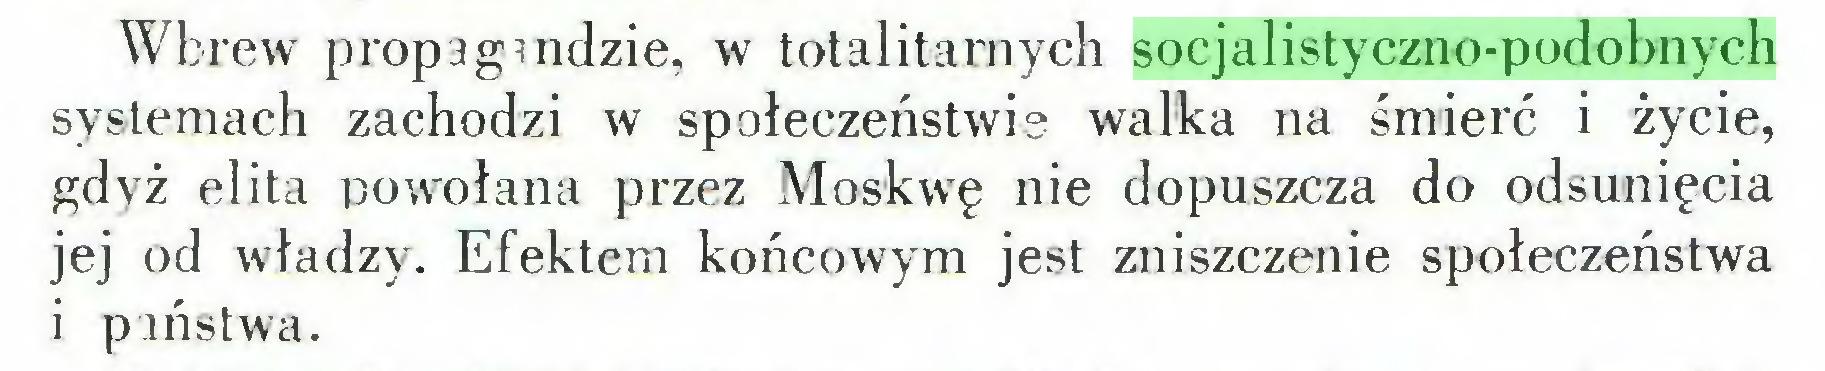 (...) Wbrew propagandzie, w totalitarnych socjalistyczno-podobnych systemach zachodzi w społeczeństwie walka na śmierć i życie, gdyż elita powołana przez Moskwę nie dopuszcza do odsunięcia jej od władzy. Efektem końcowym jest zniszczenie społeczeństwa i państwa...